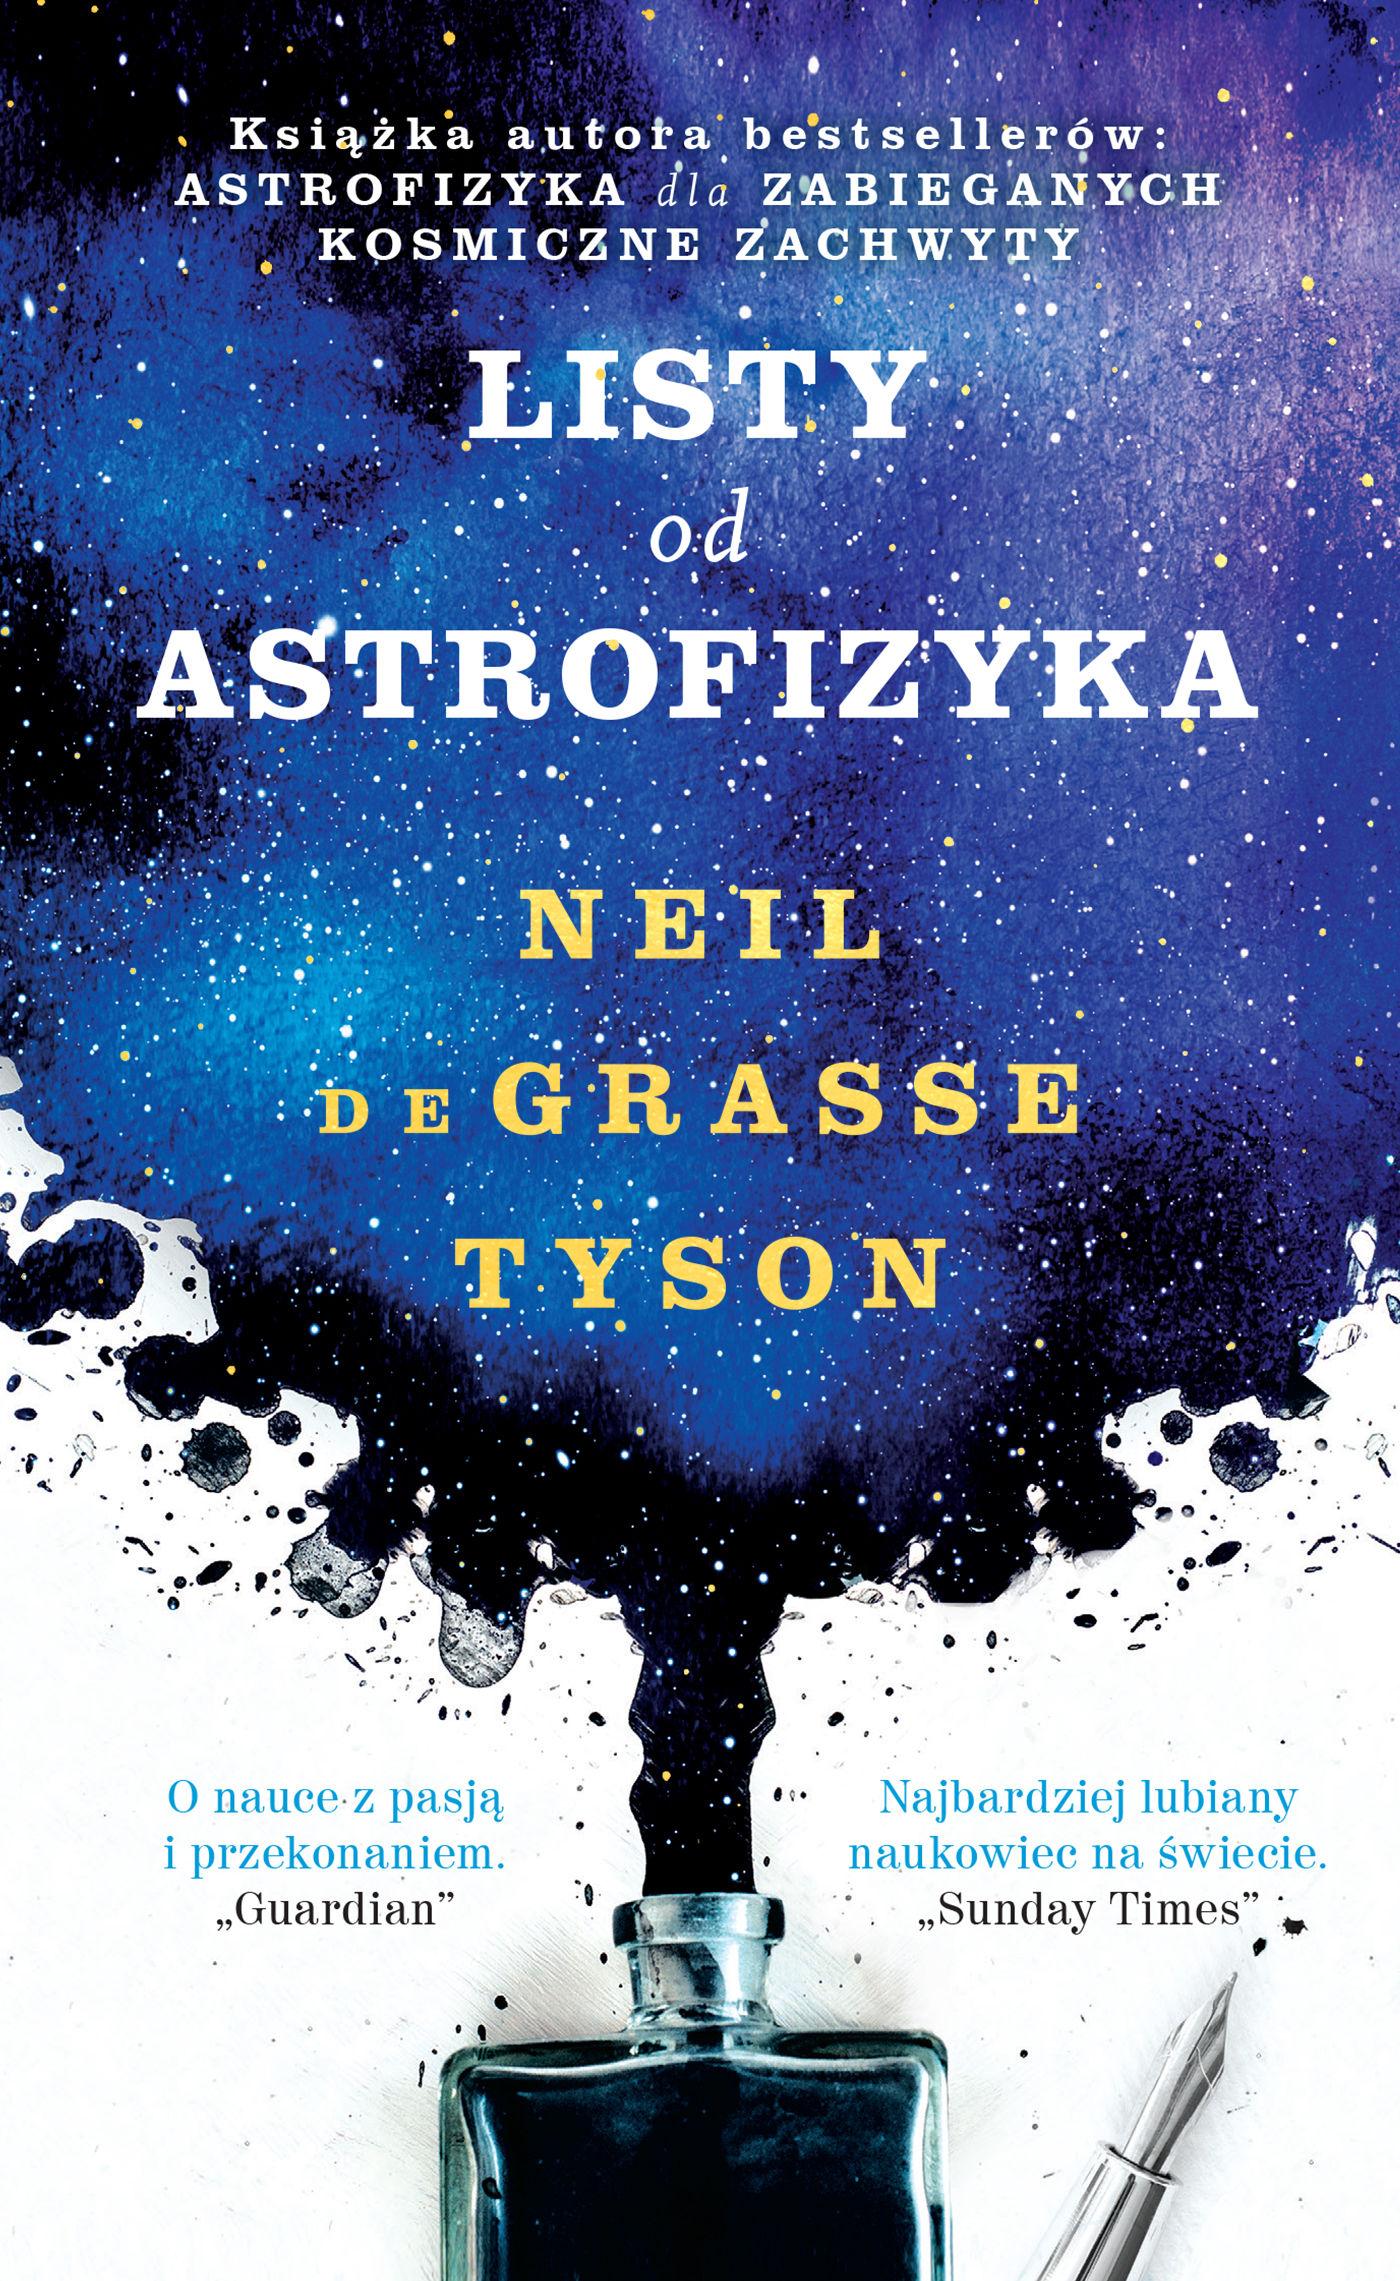 Listy od astrofizyka - Neil Degrasse Tyson - ebook